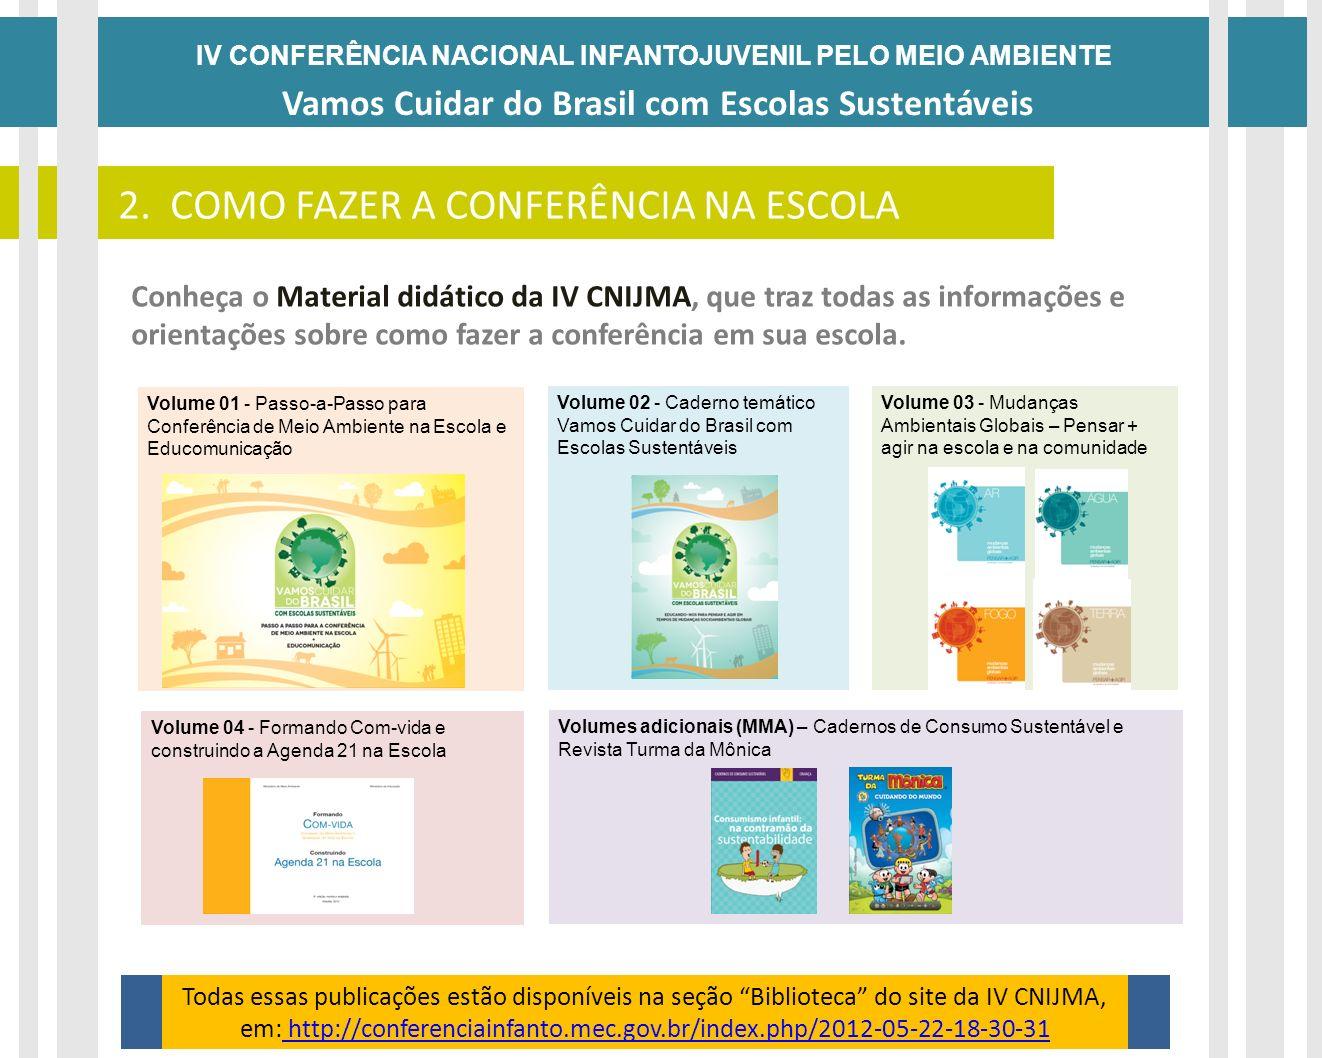 Volume 01 - Passo-a-Passo para Conferência de Meio Ambiente na Escola e Educomunicação Volumes adicionais (MMA) – Cadernos de Consumo Sustentável e Re